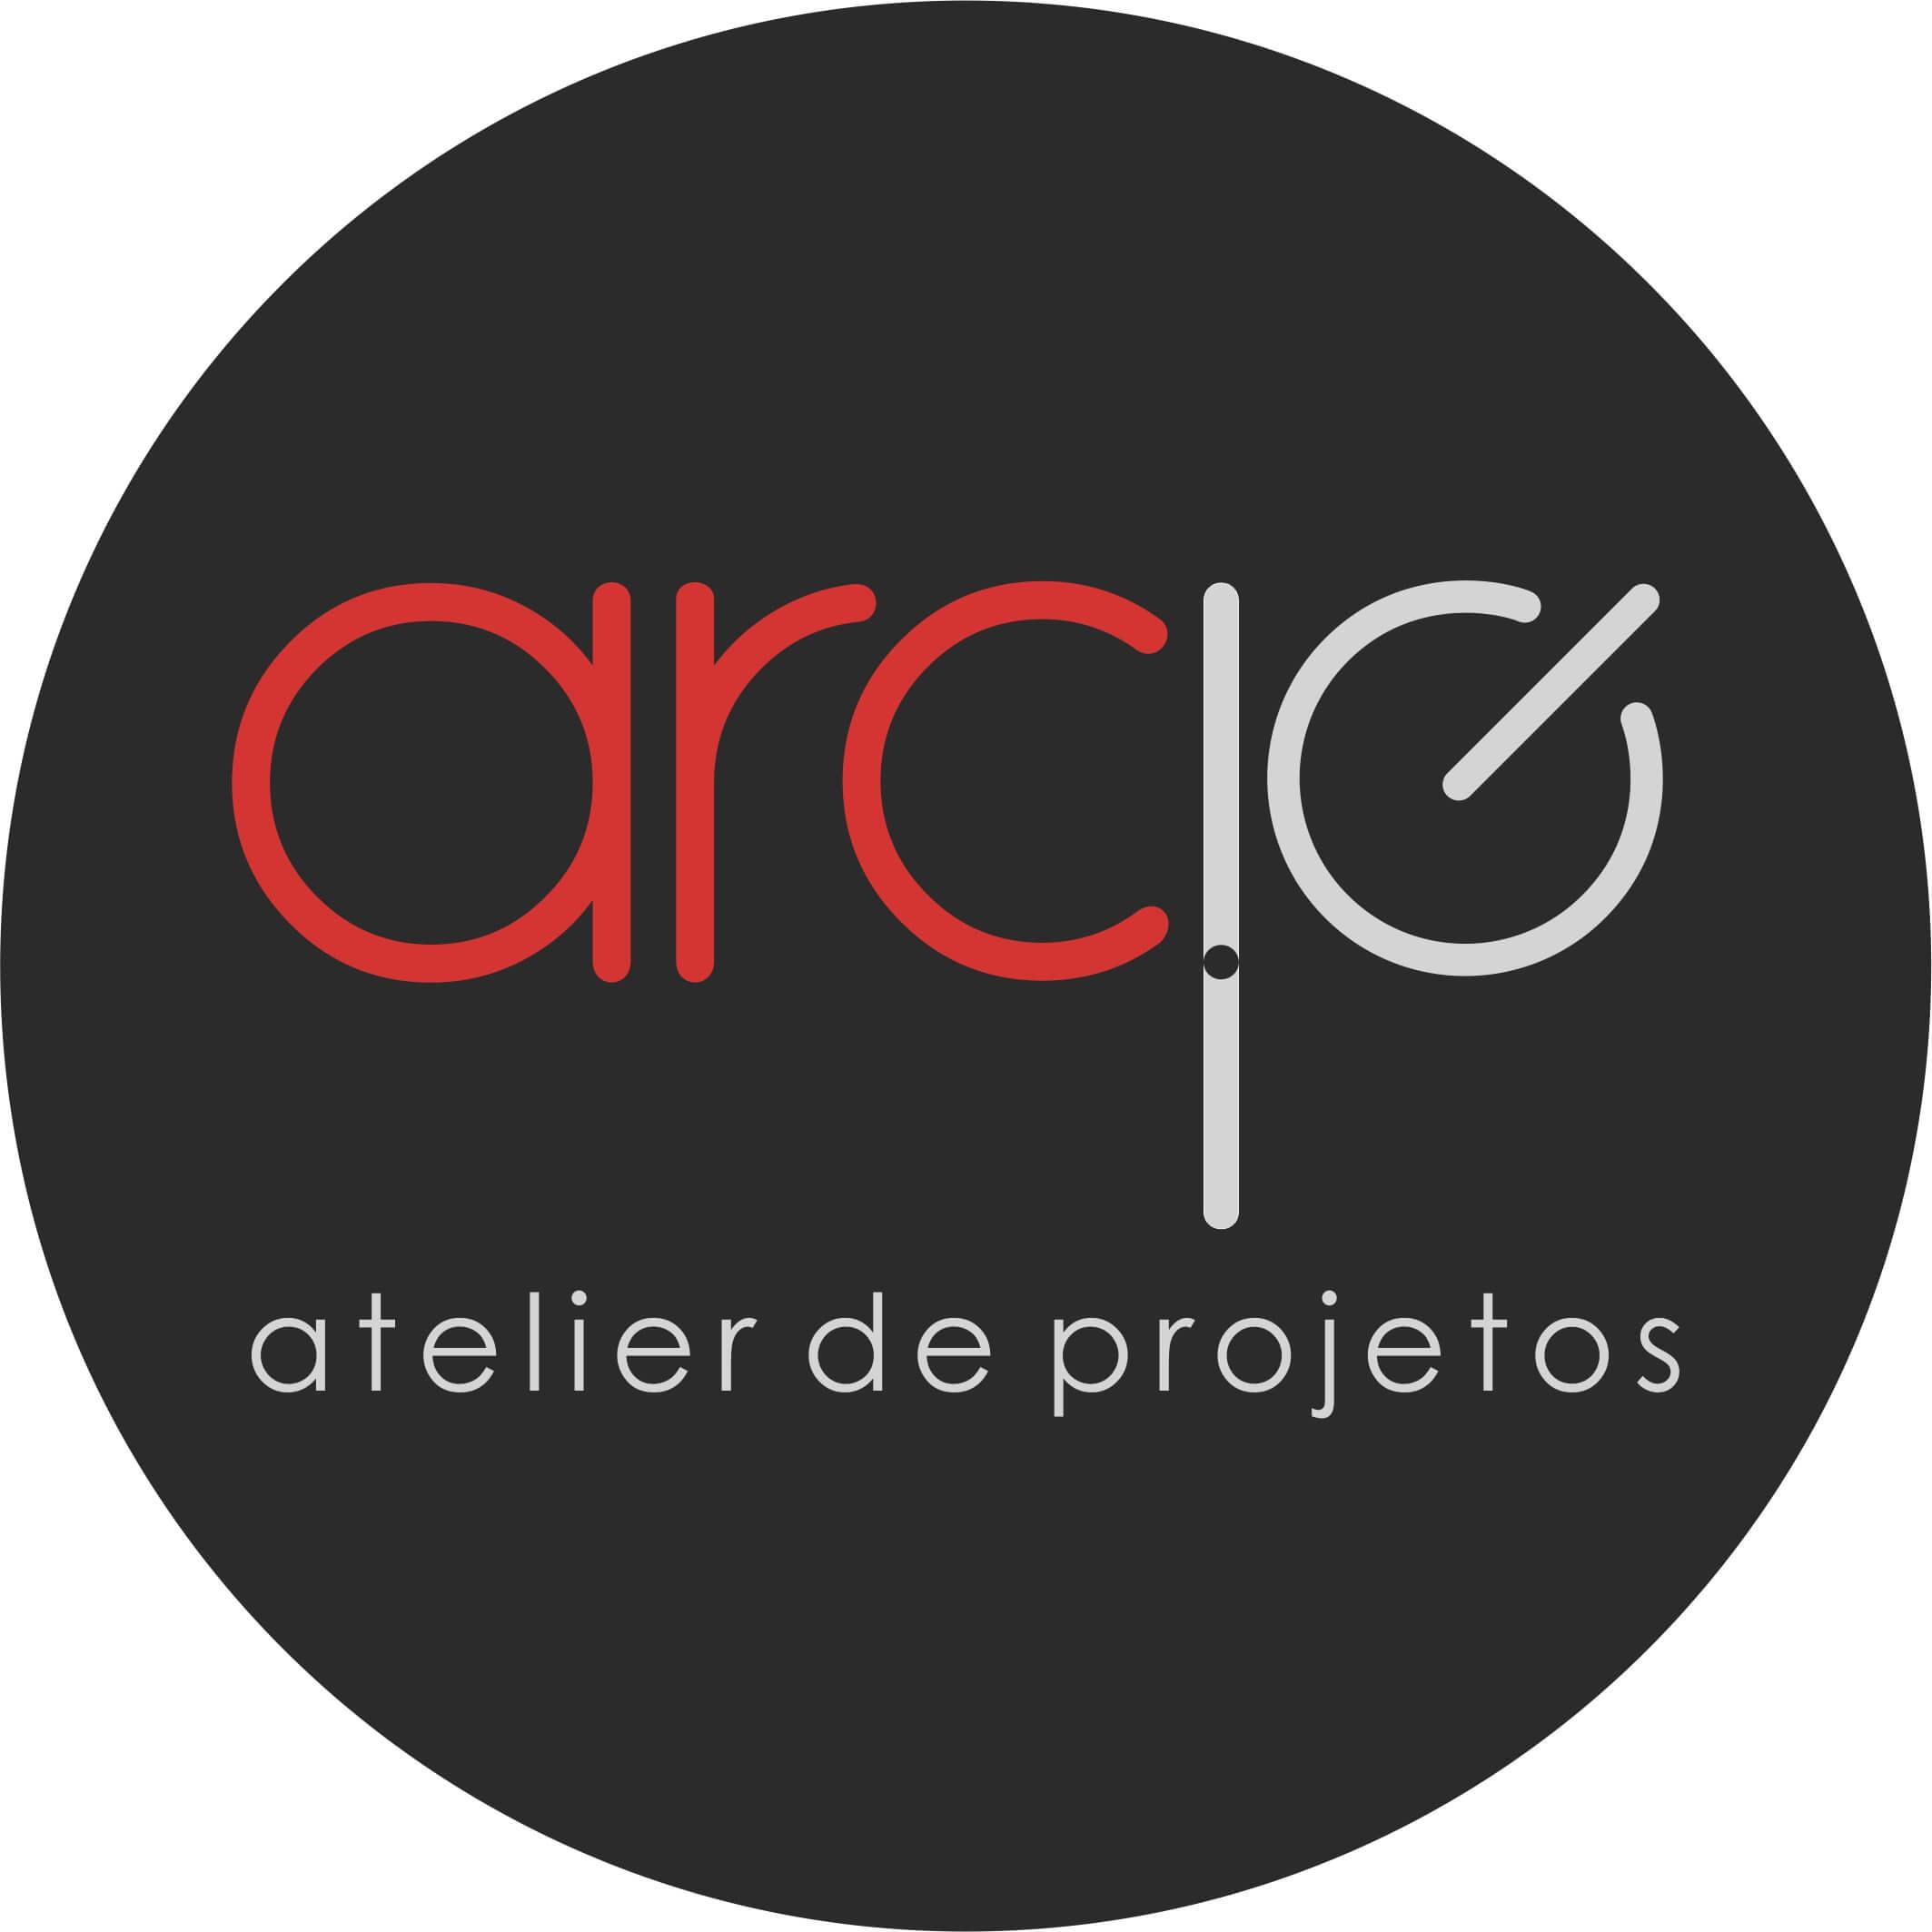 arcq.o – ruicosta.arquitectos – atelier de projectos